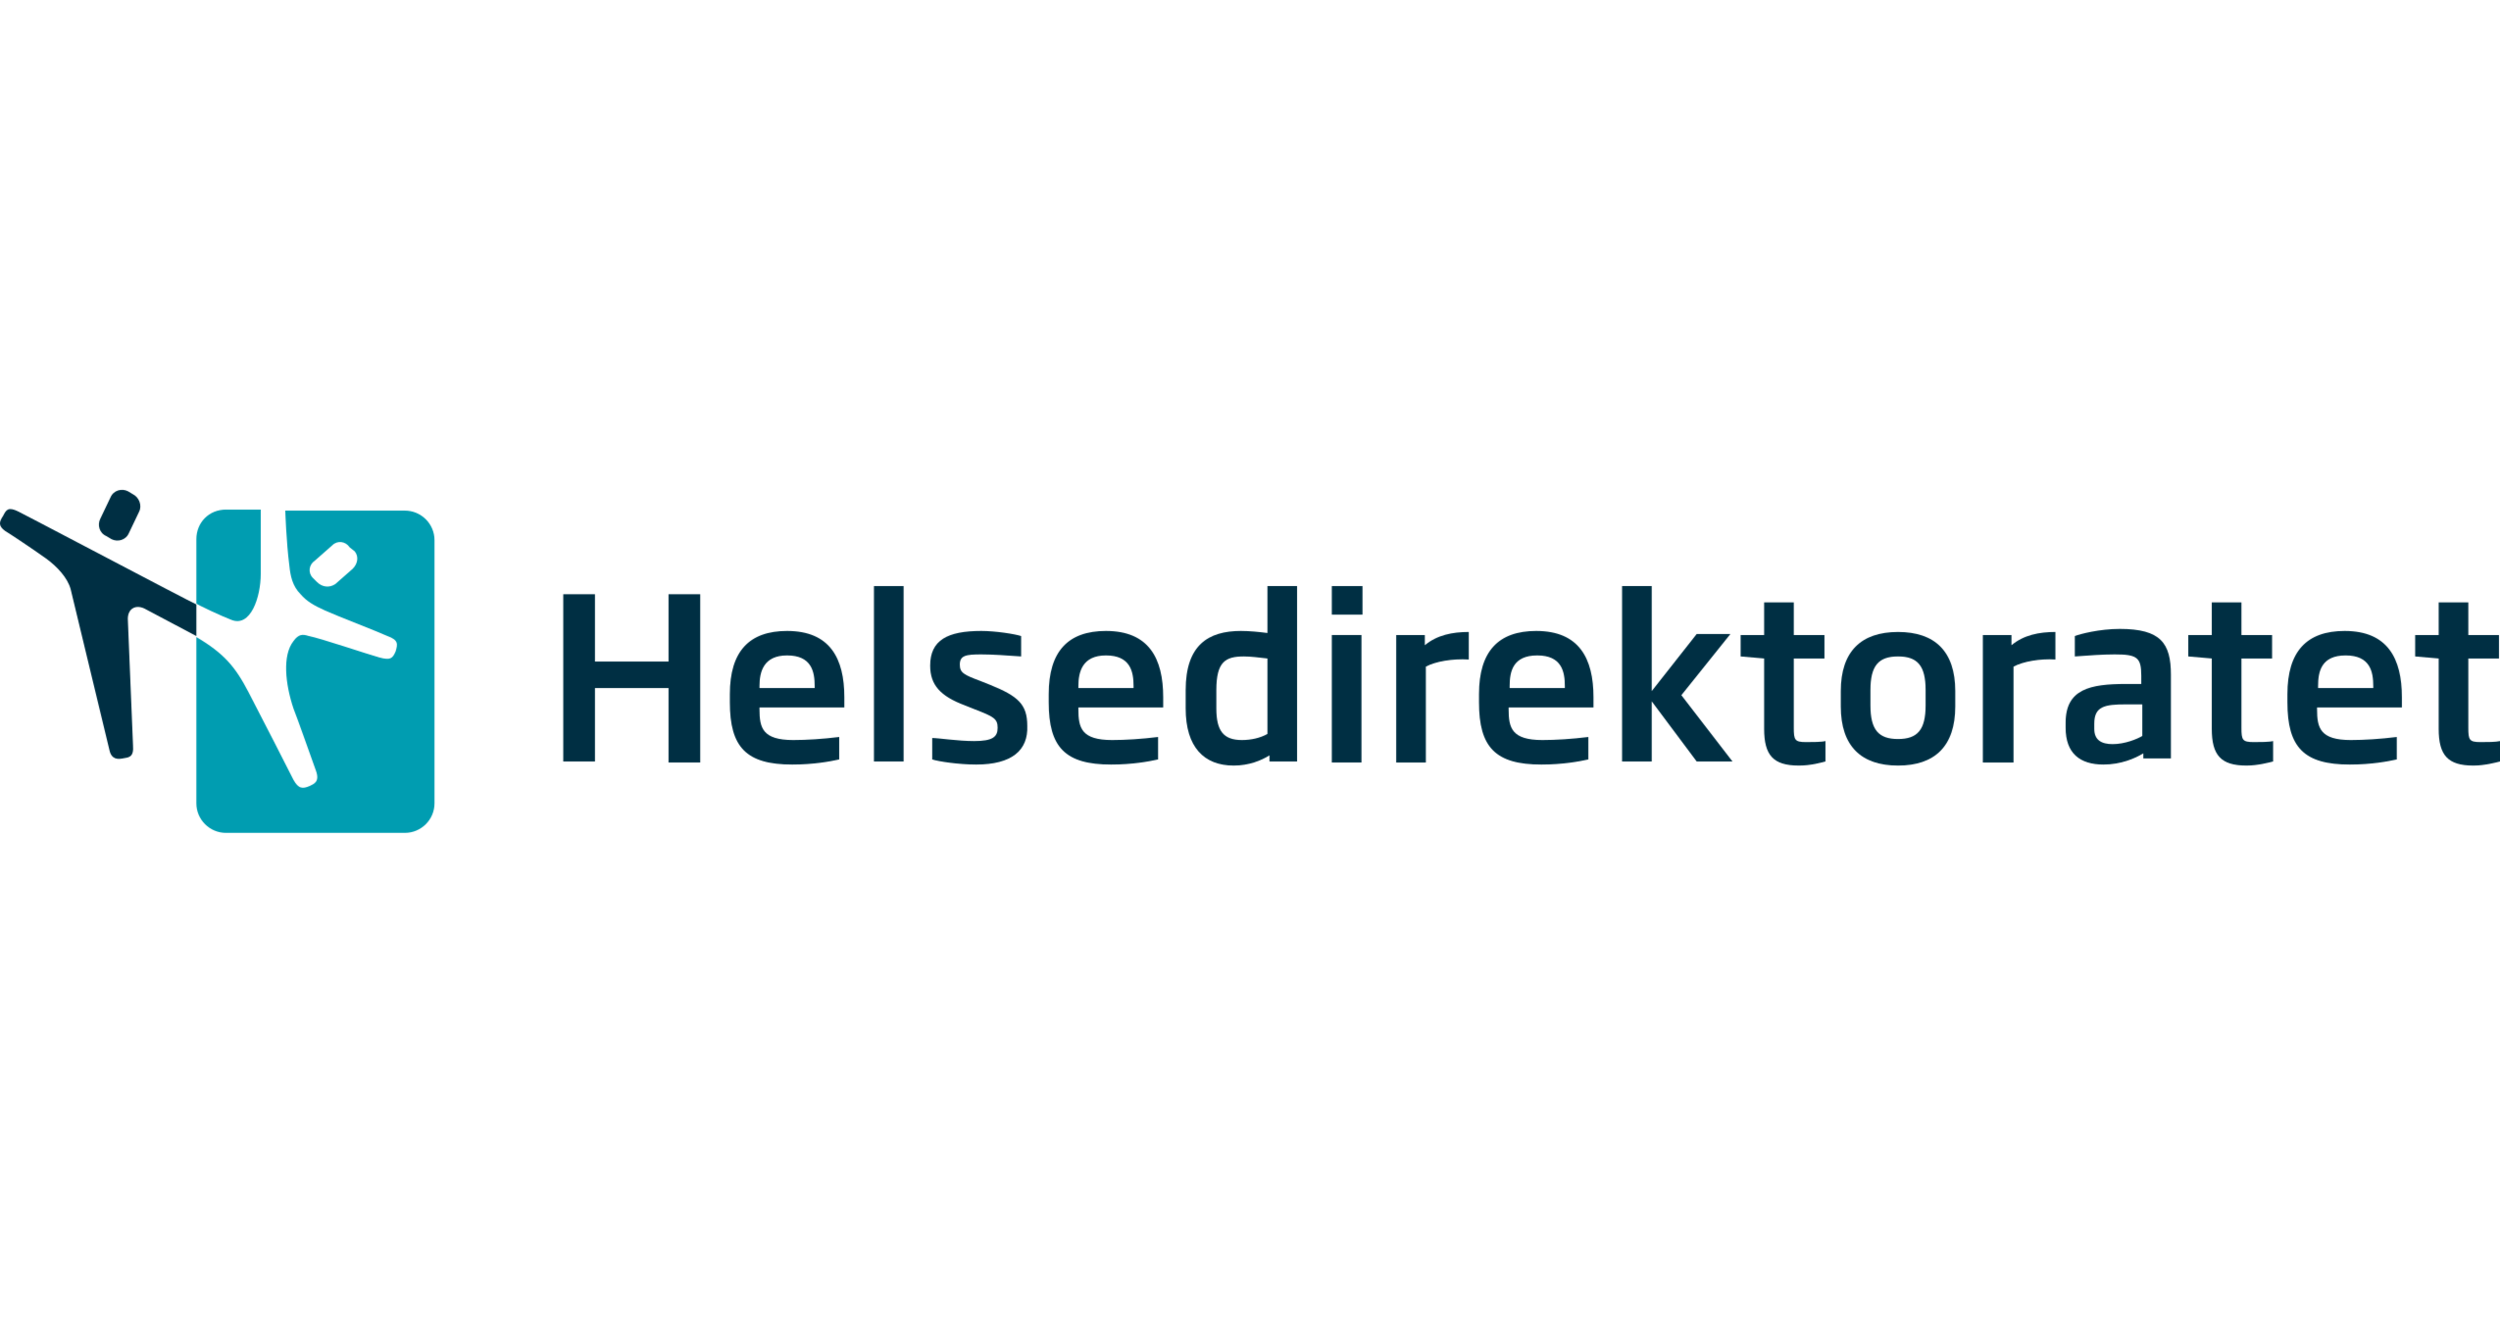 helsedirektoratet_logo.png